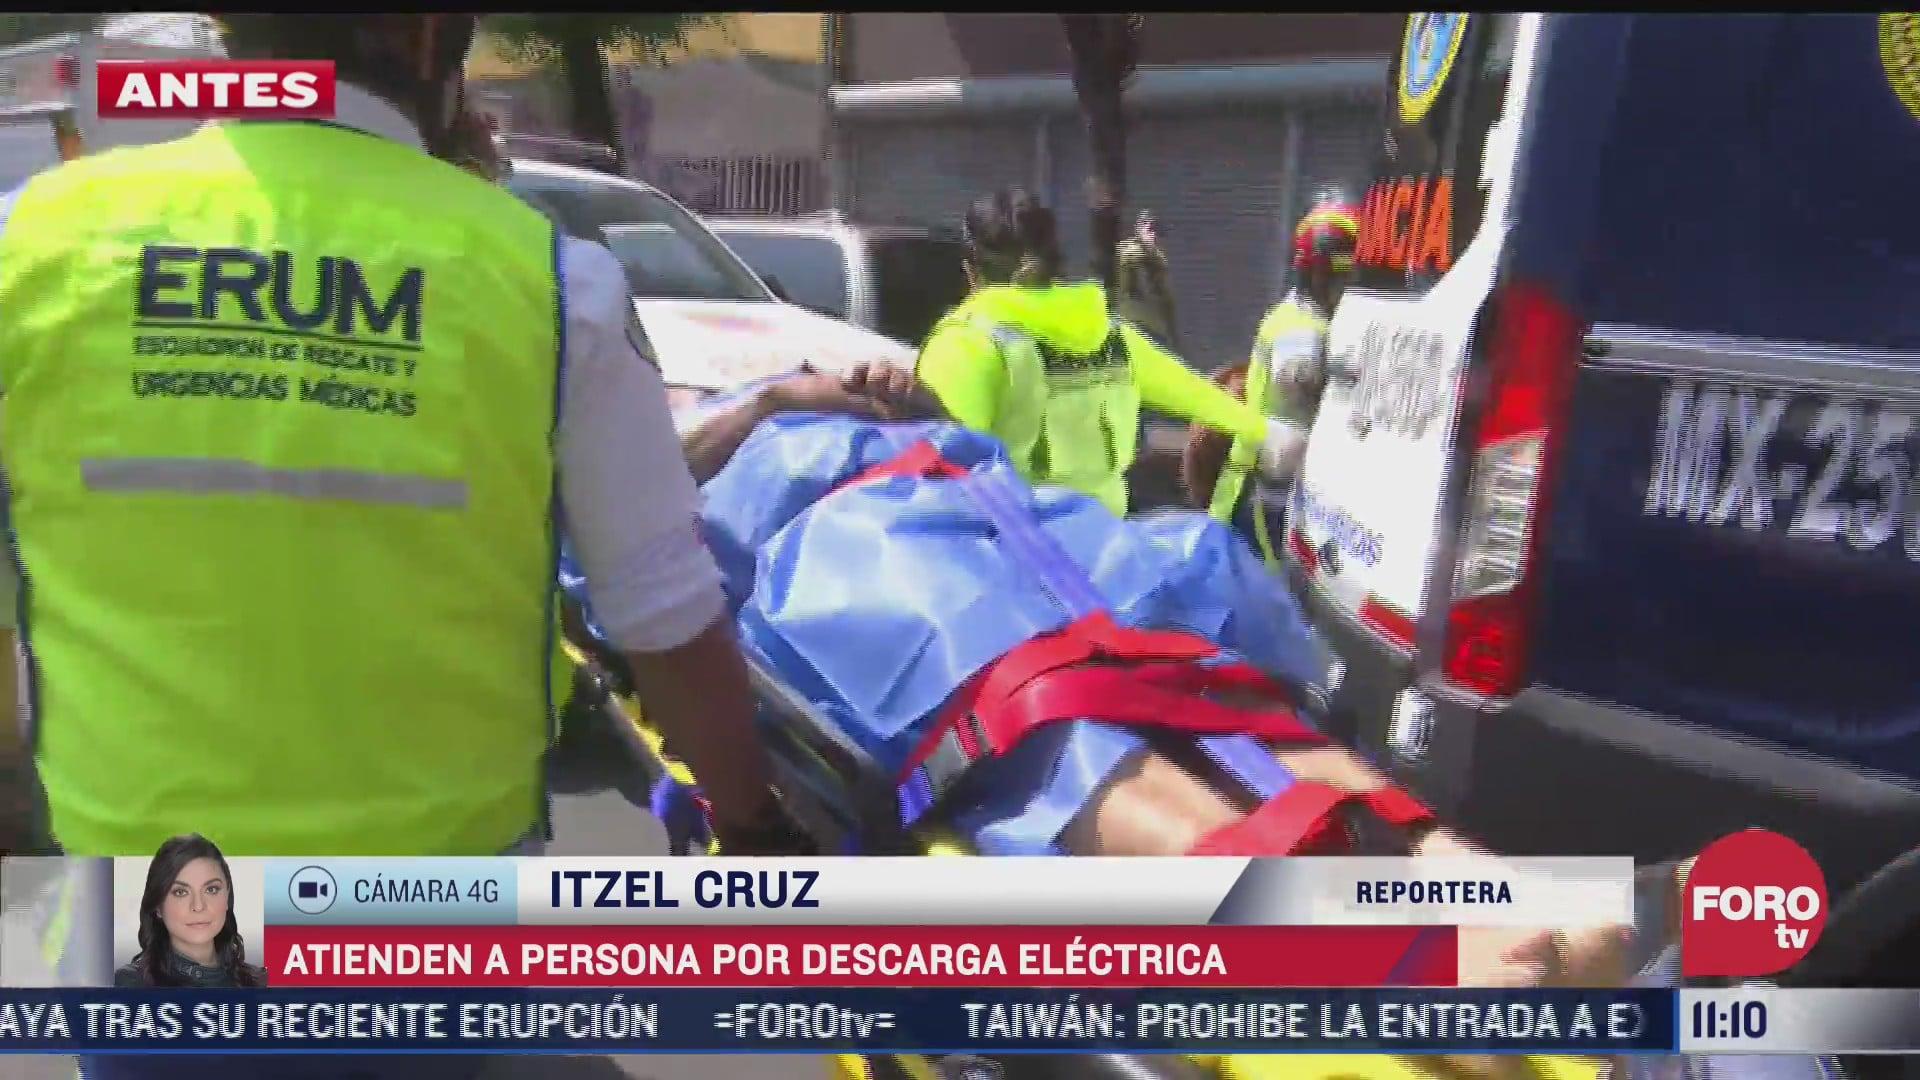 paramedicos atienden a persona por descarga electrica en cdmx